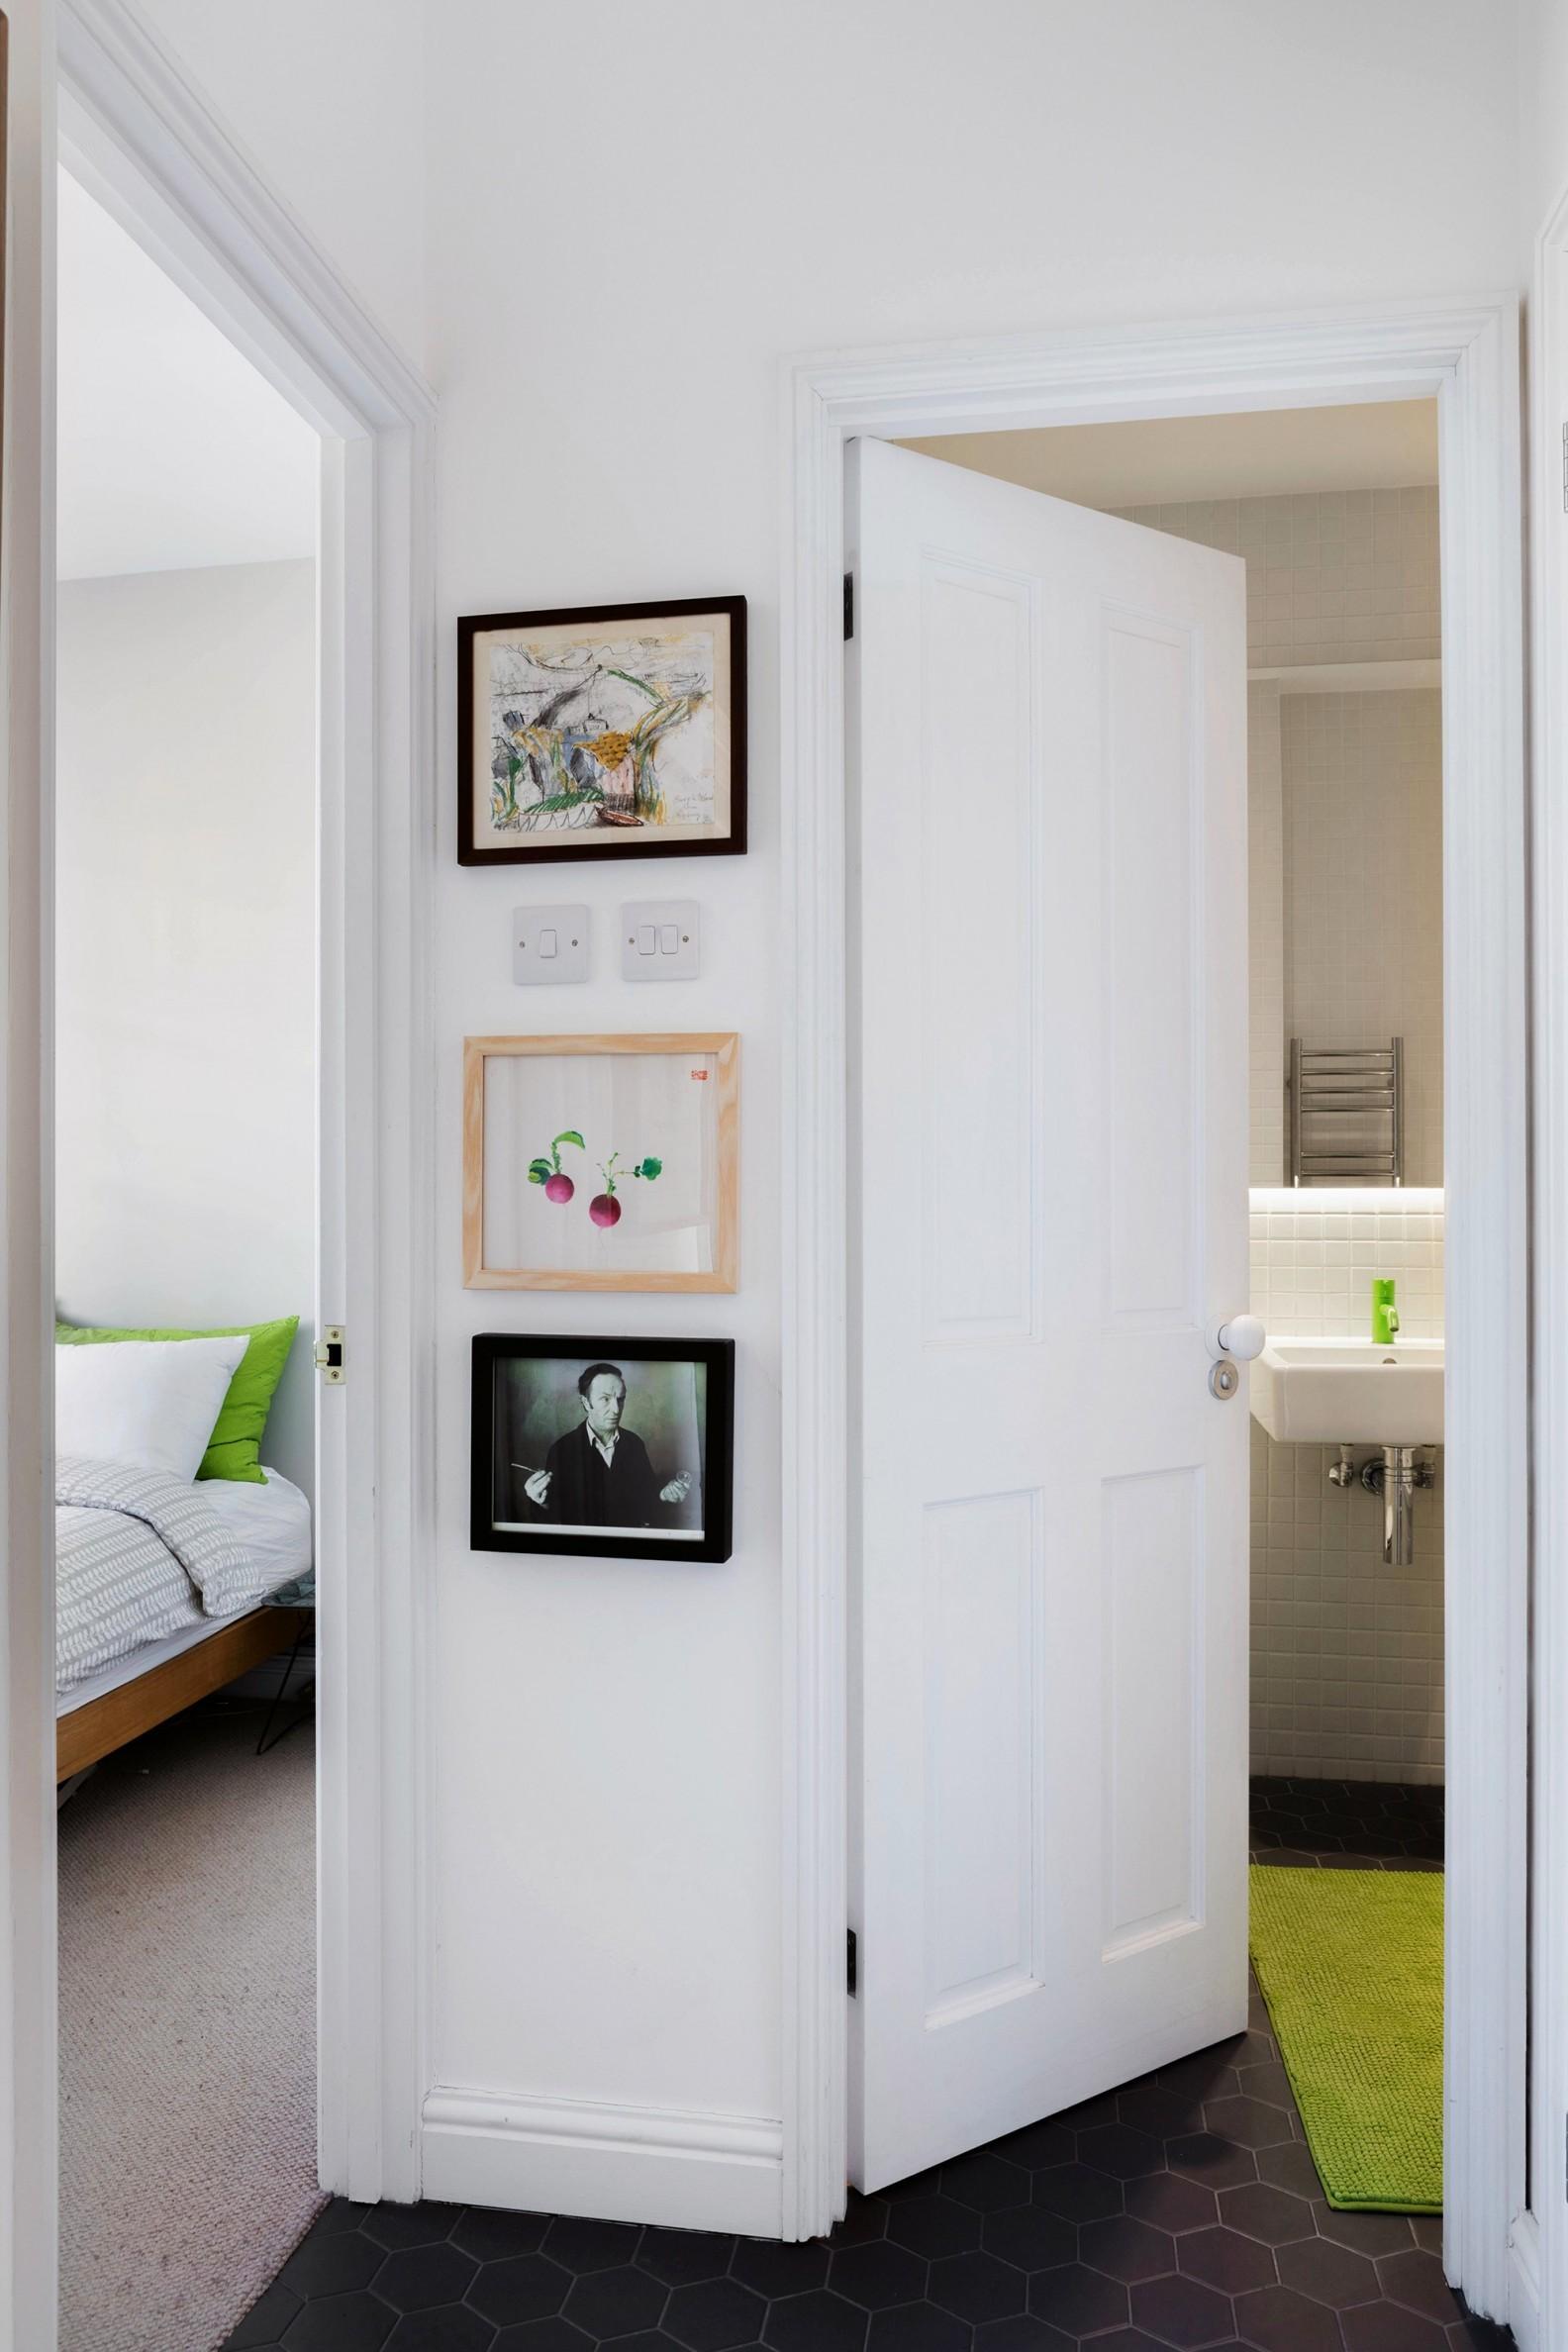 tsveten-i-funktsionalen-interior-za-malak-semeen-apartament-45-m-7g